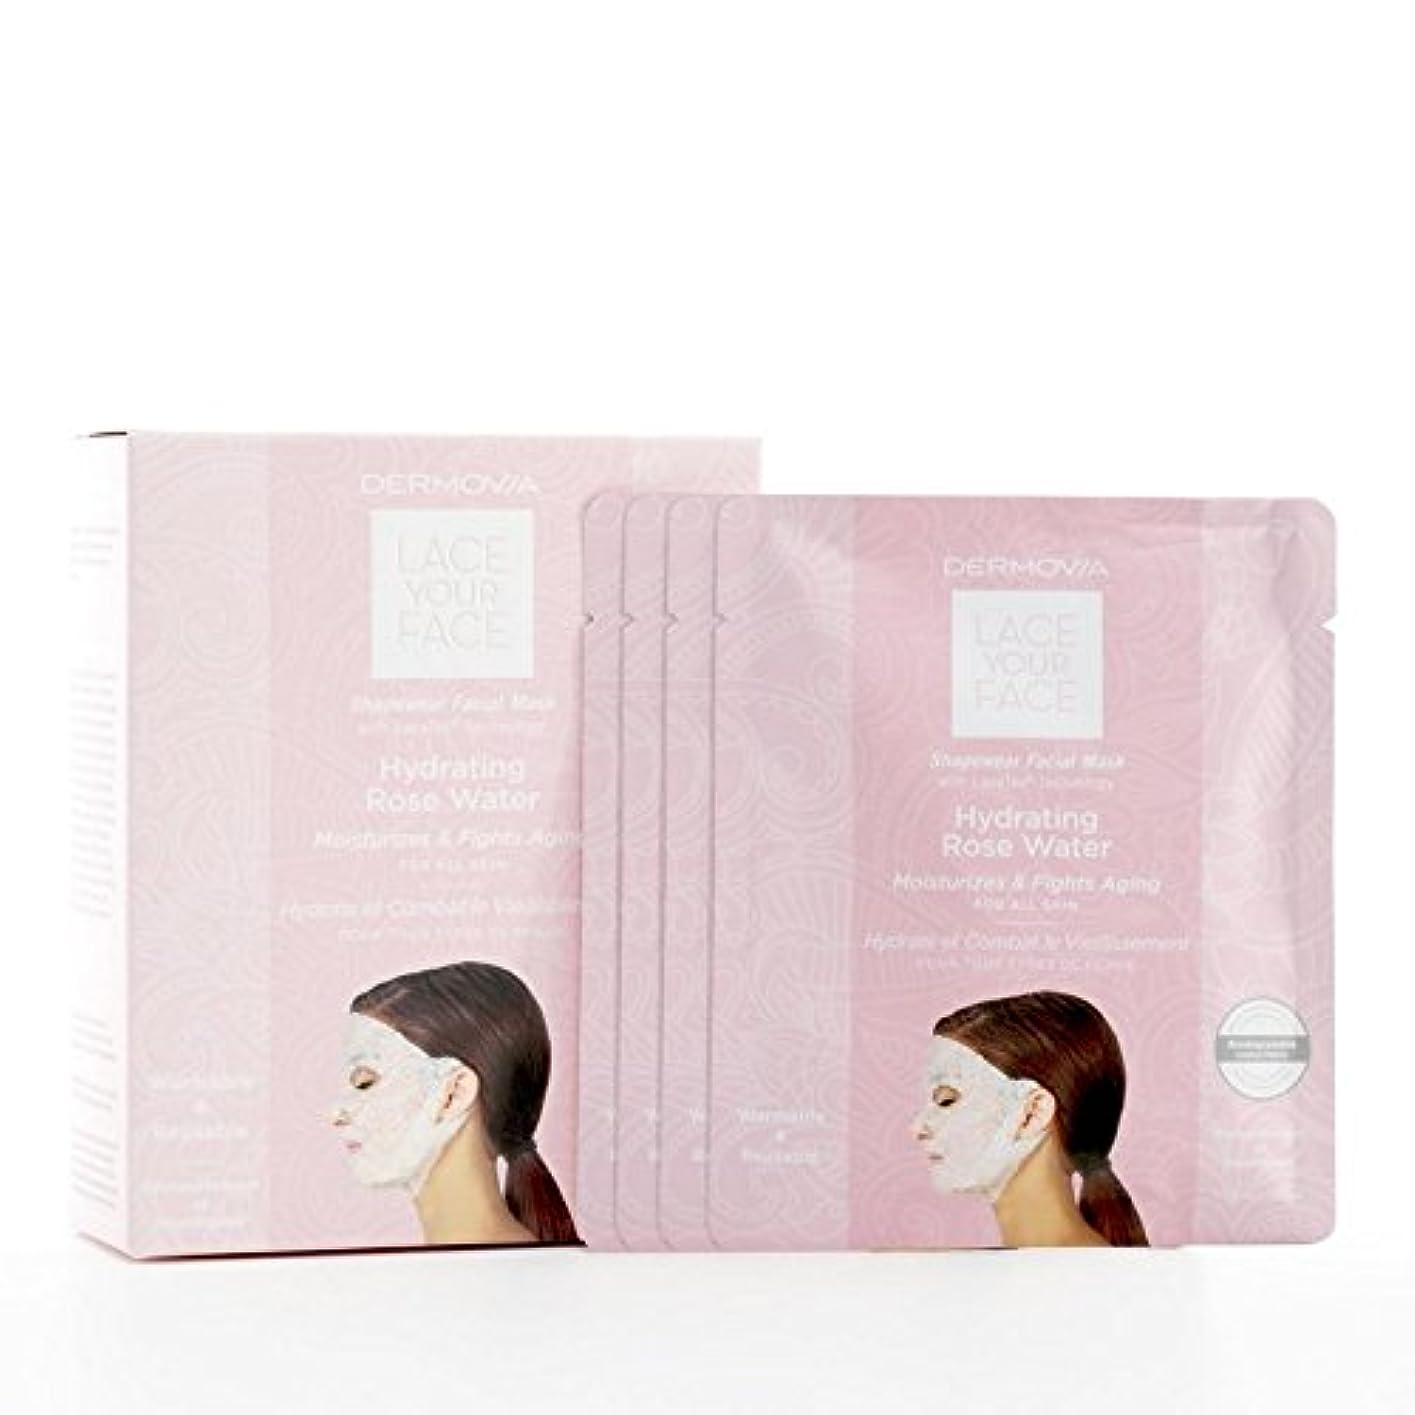 可塑性仮定記憶に残るDermovia Lace Your Face Compression Facial Mask Hydrating Rose Water (Pack of 6) - は、あなたの顔の圧縮フェイシャルマスク水和が水をバラレース...